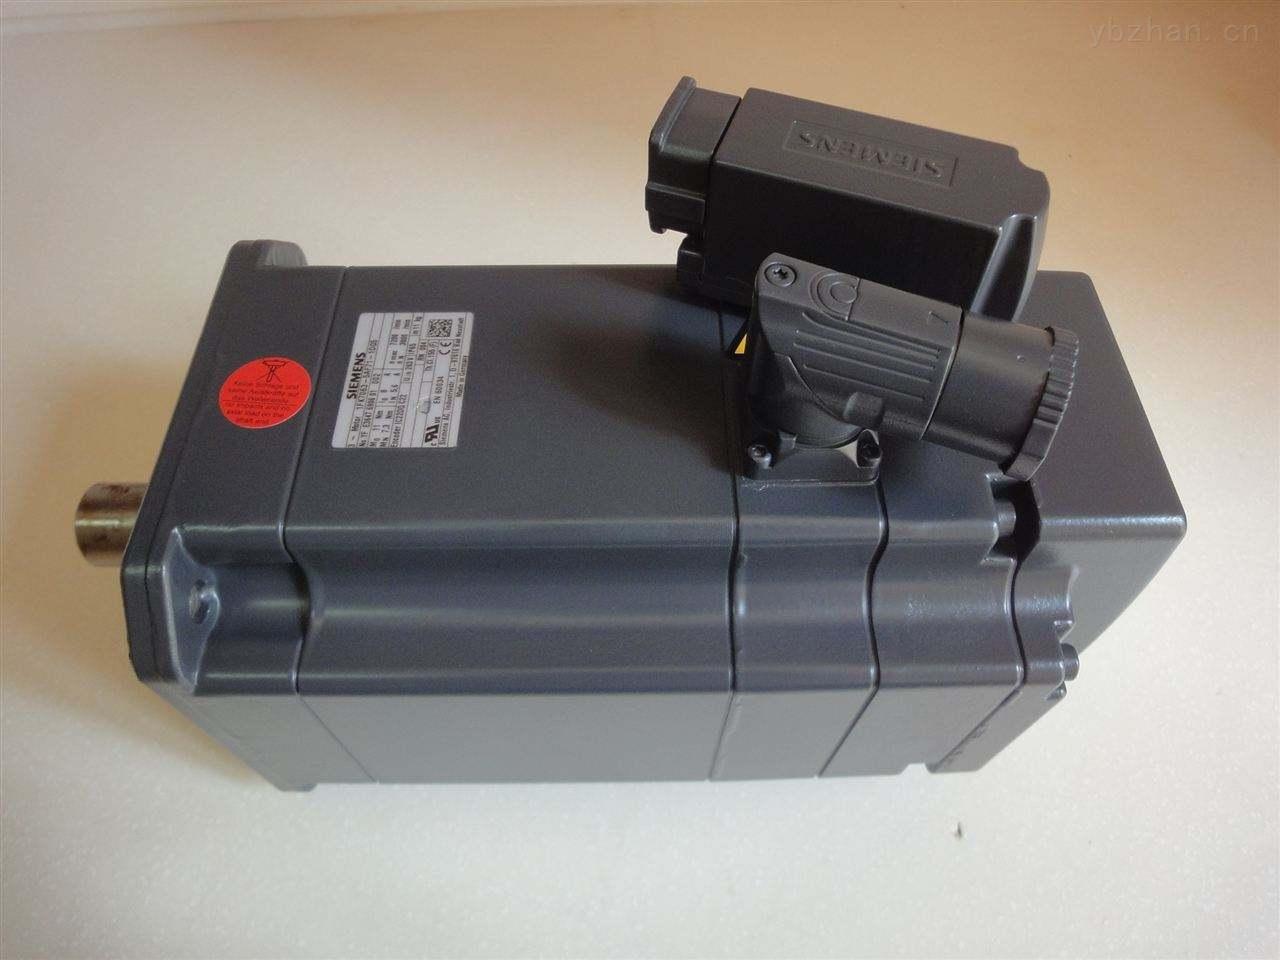 蚌埠西门子828D系统伺服电机更换轴承-当天检测提供维修